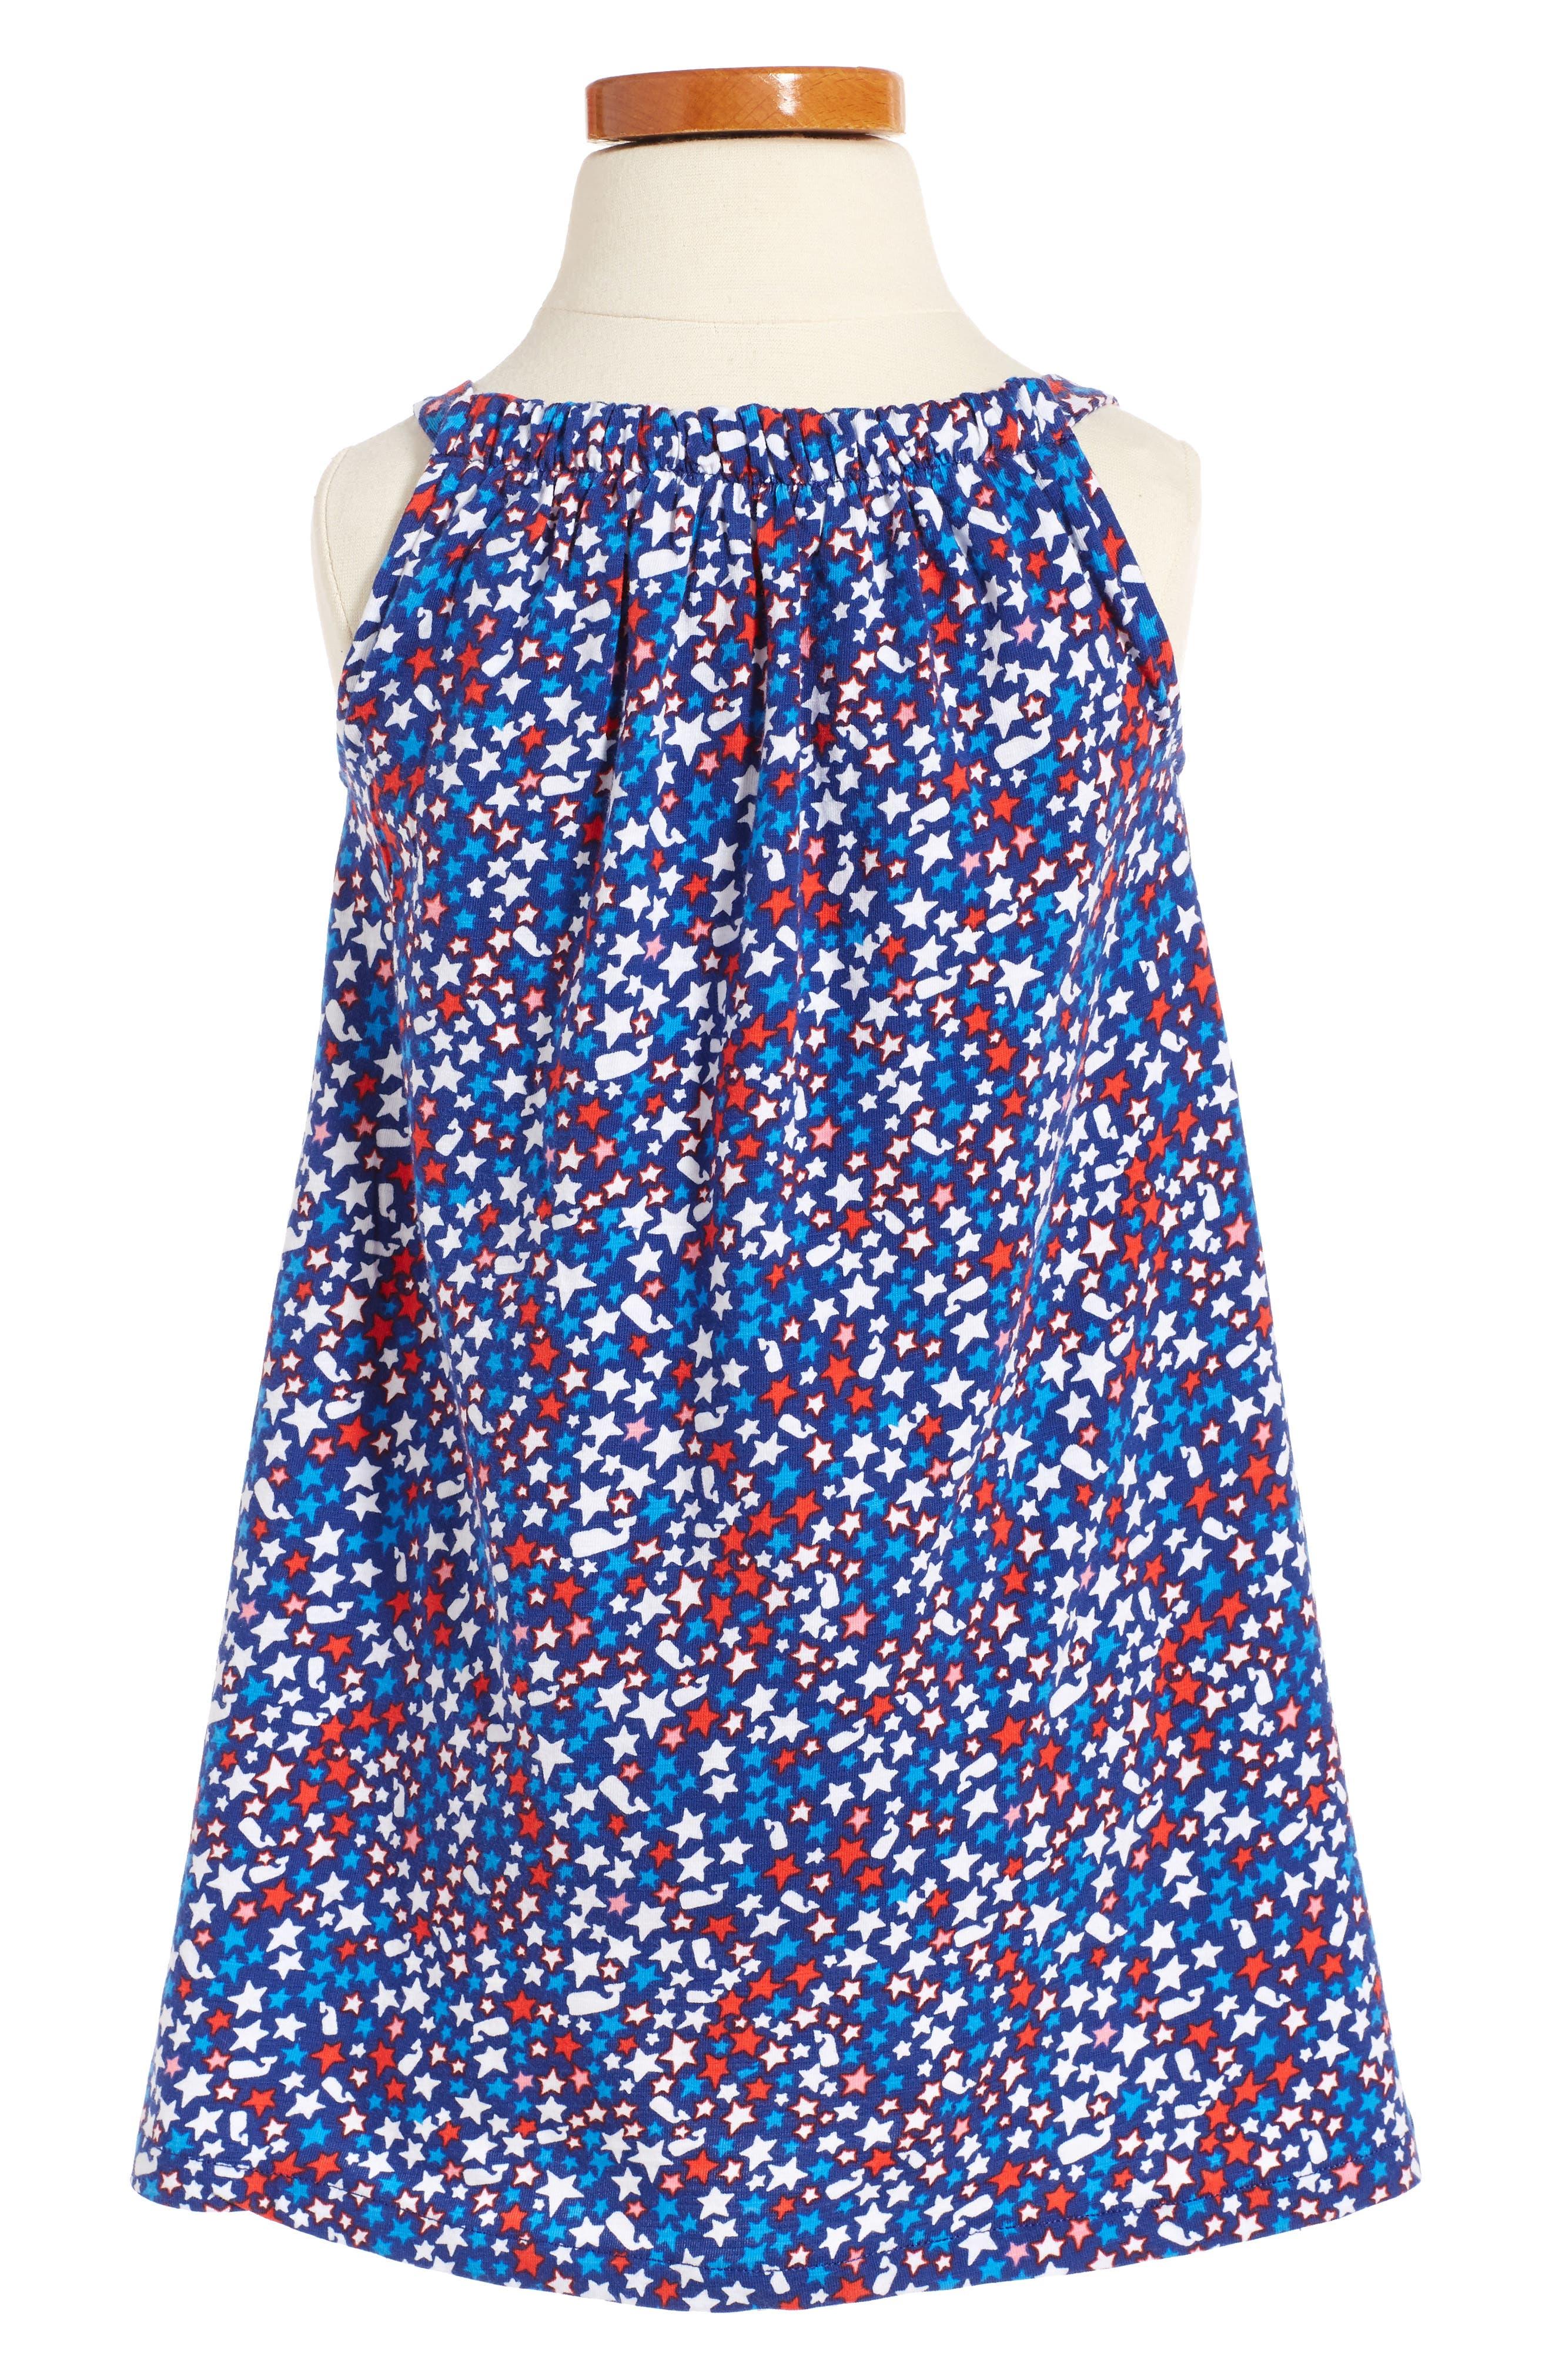 Alternate Image 2  - Vineyard Vines Stars & Whales Shift Dress (Toddler Girls)